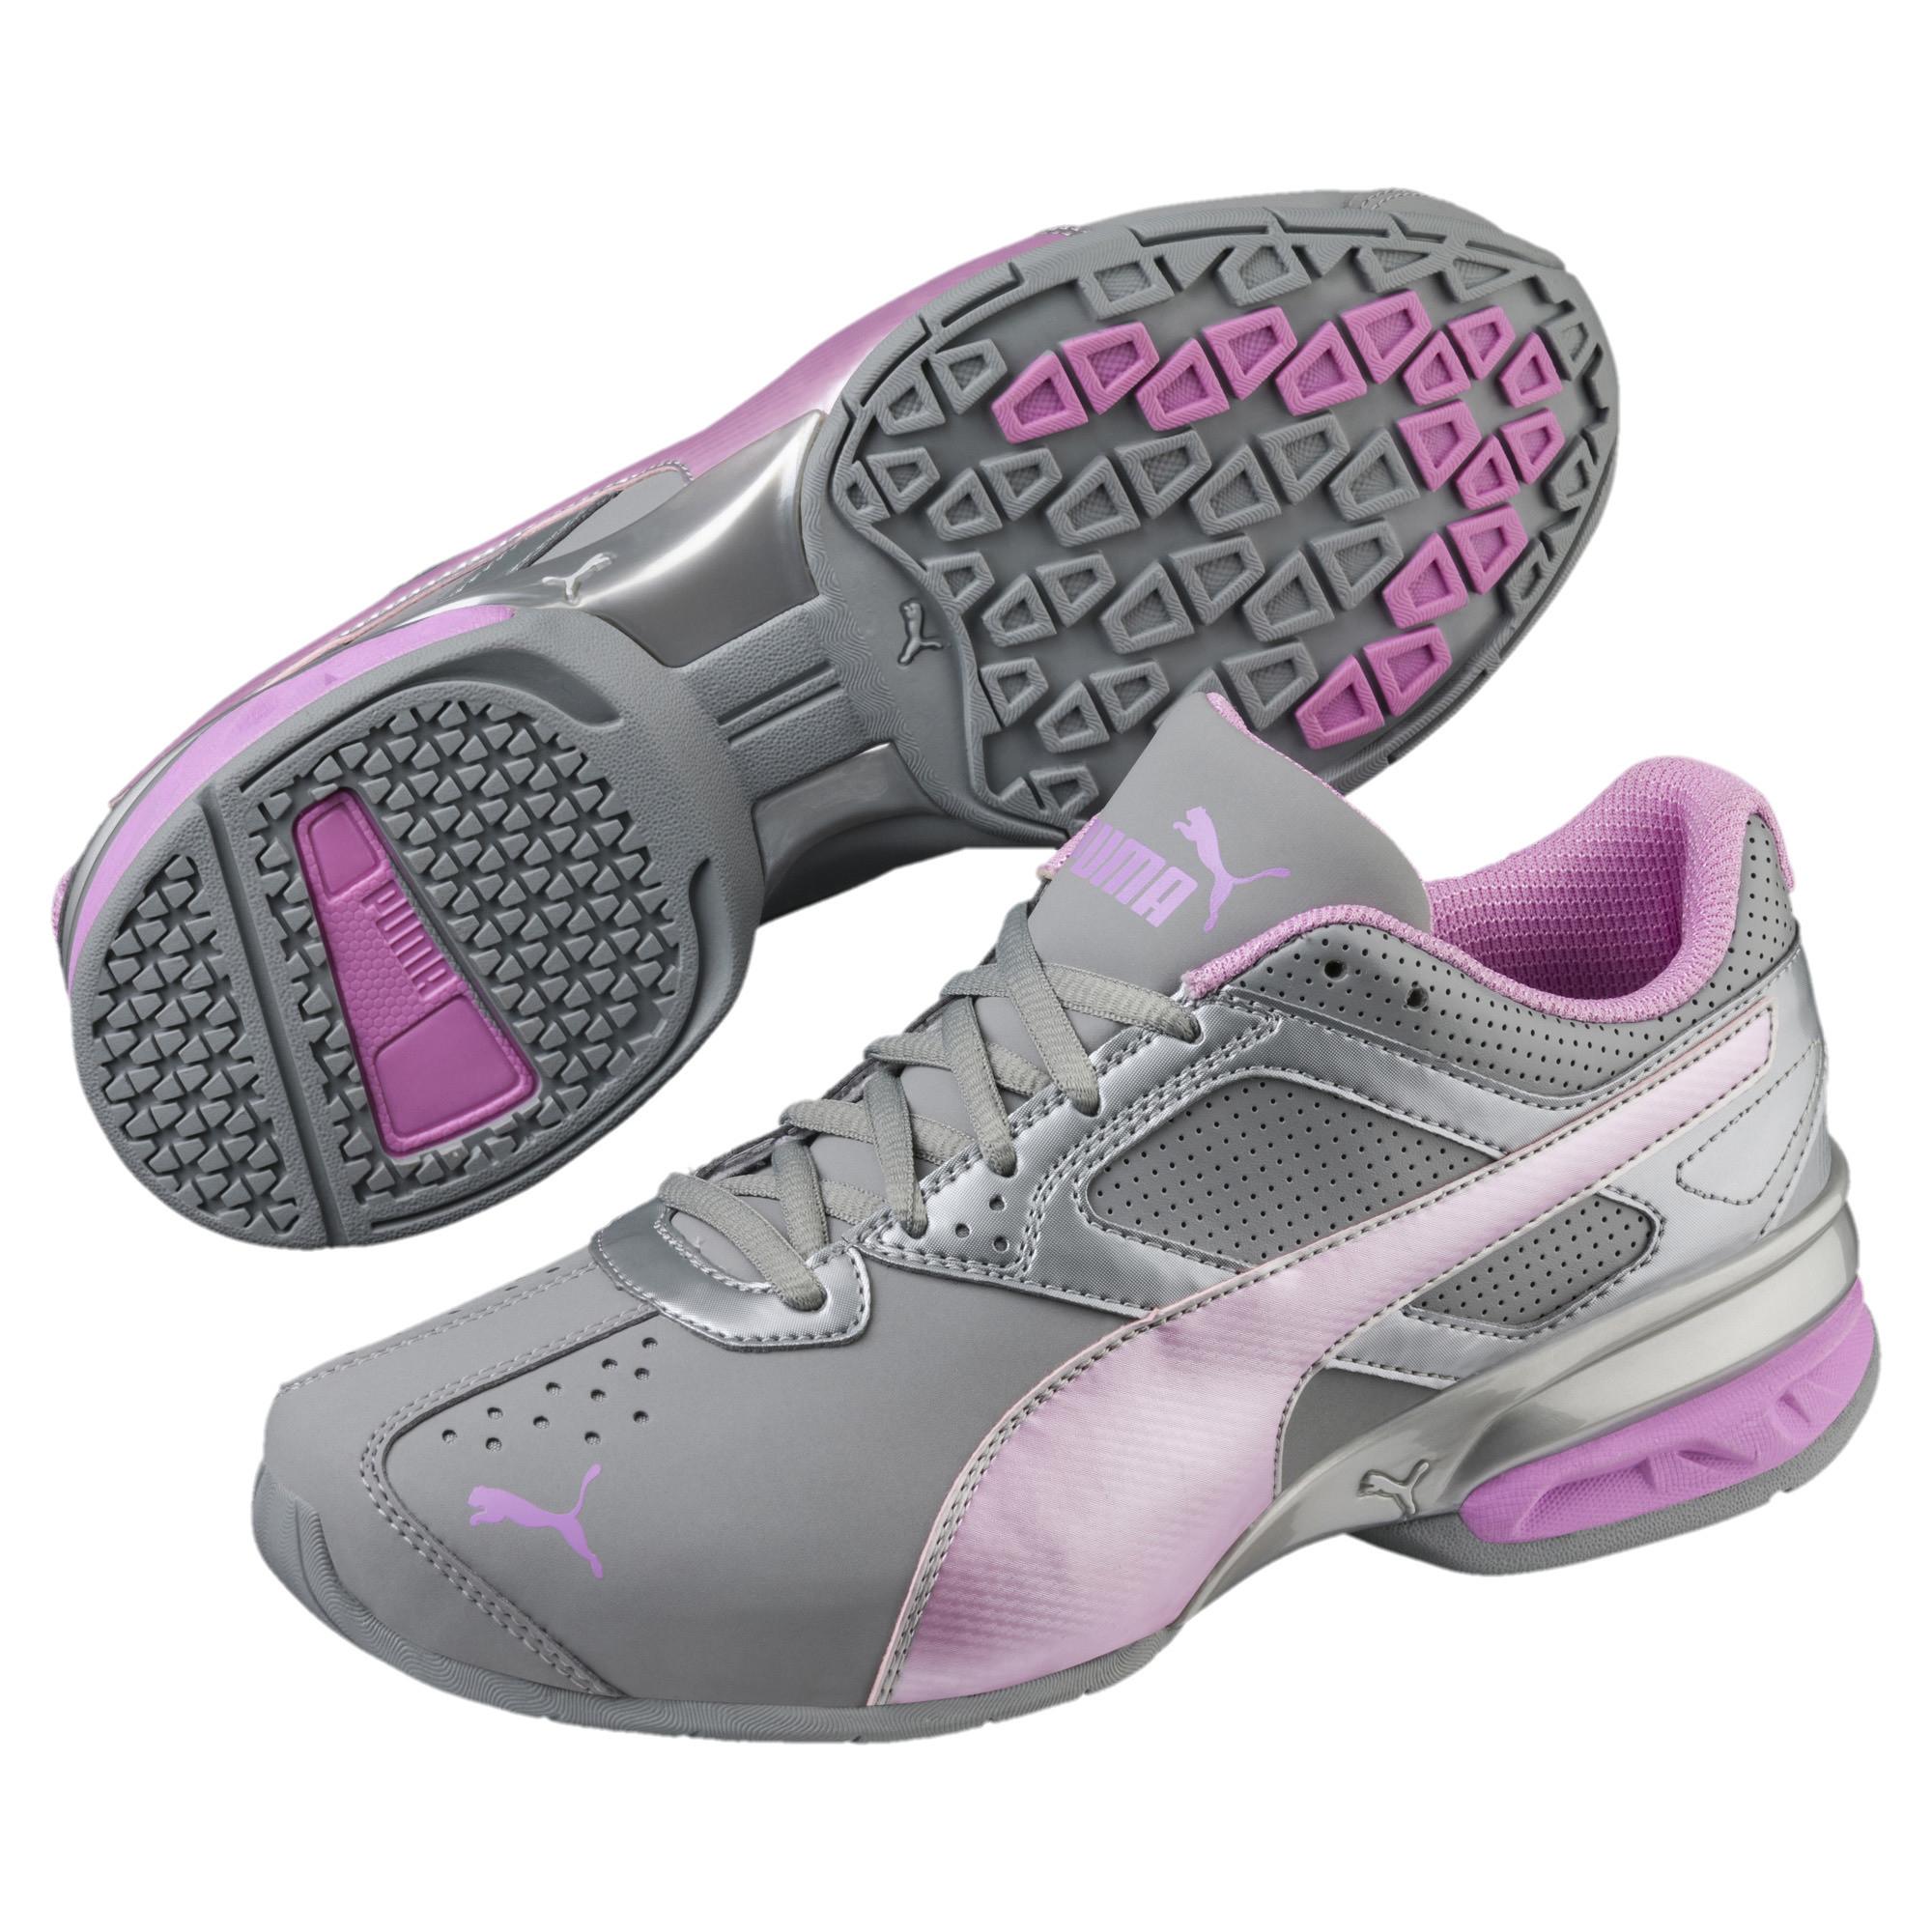 PUMA-Tazon-6-FM-Women-039-s-Sneakers-Women-Shoe-Running thumbnail 15